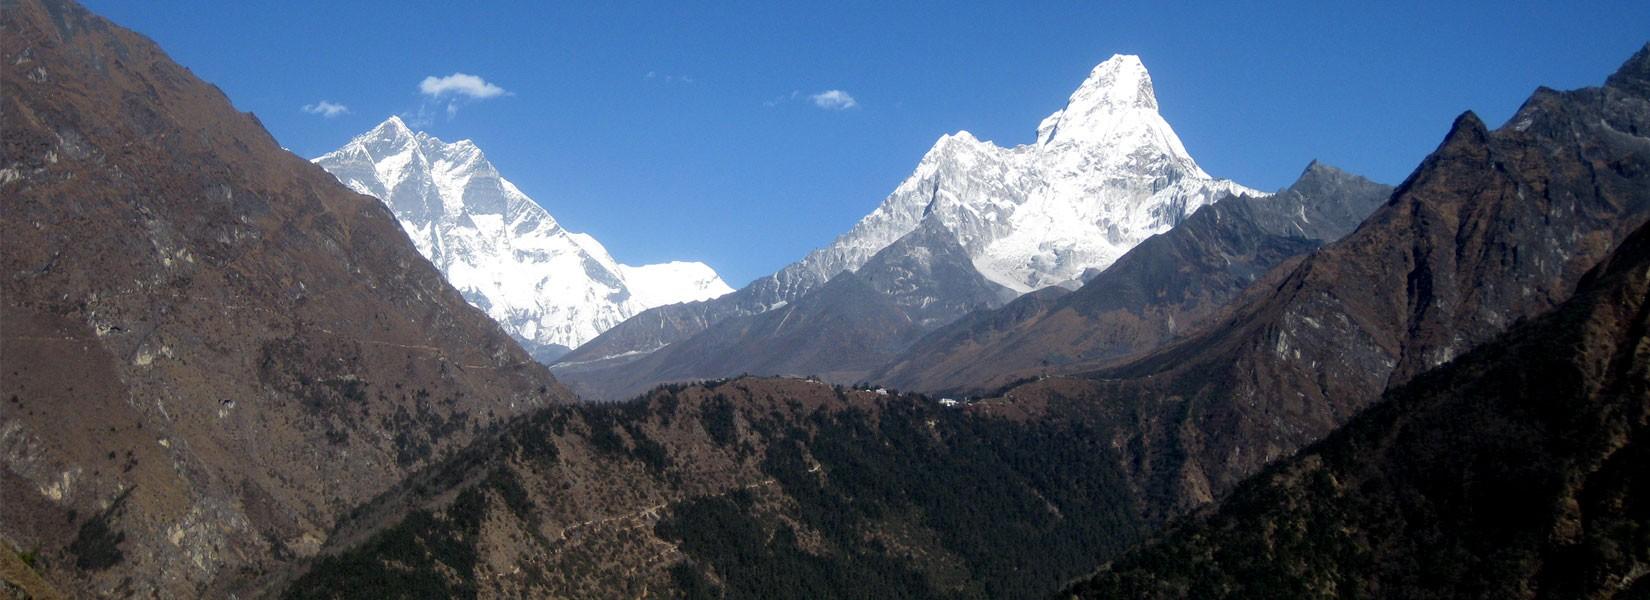 Tengboche Monastery in Himalaya